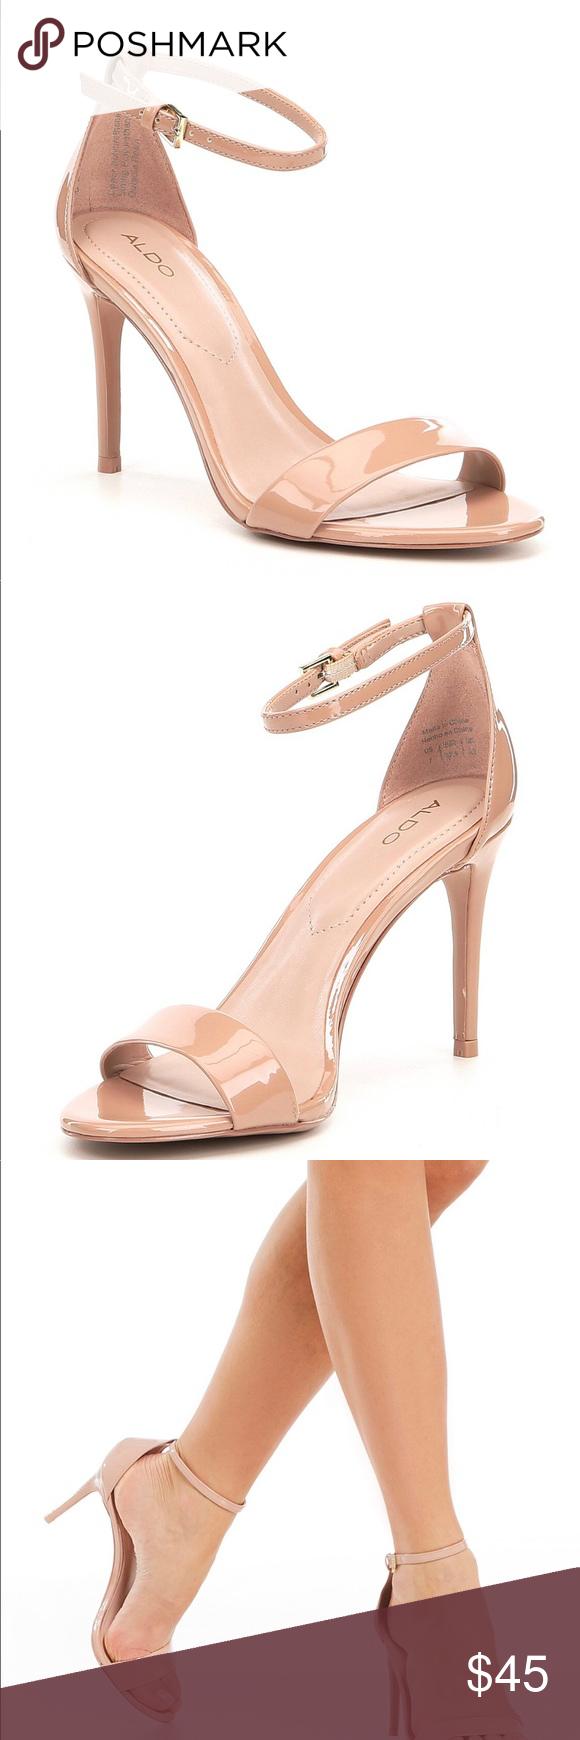 8da73c06a0c ALDO Light Pink Cally Ankle Strap Heels From ALDO